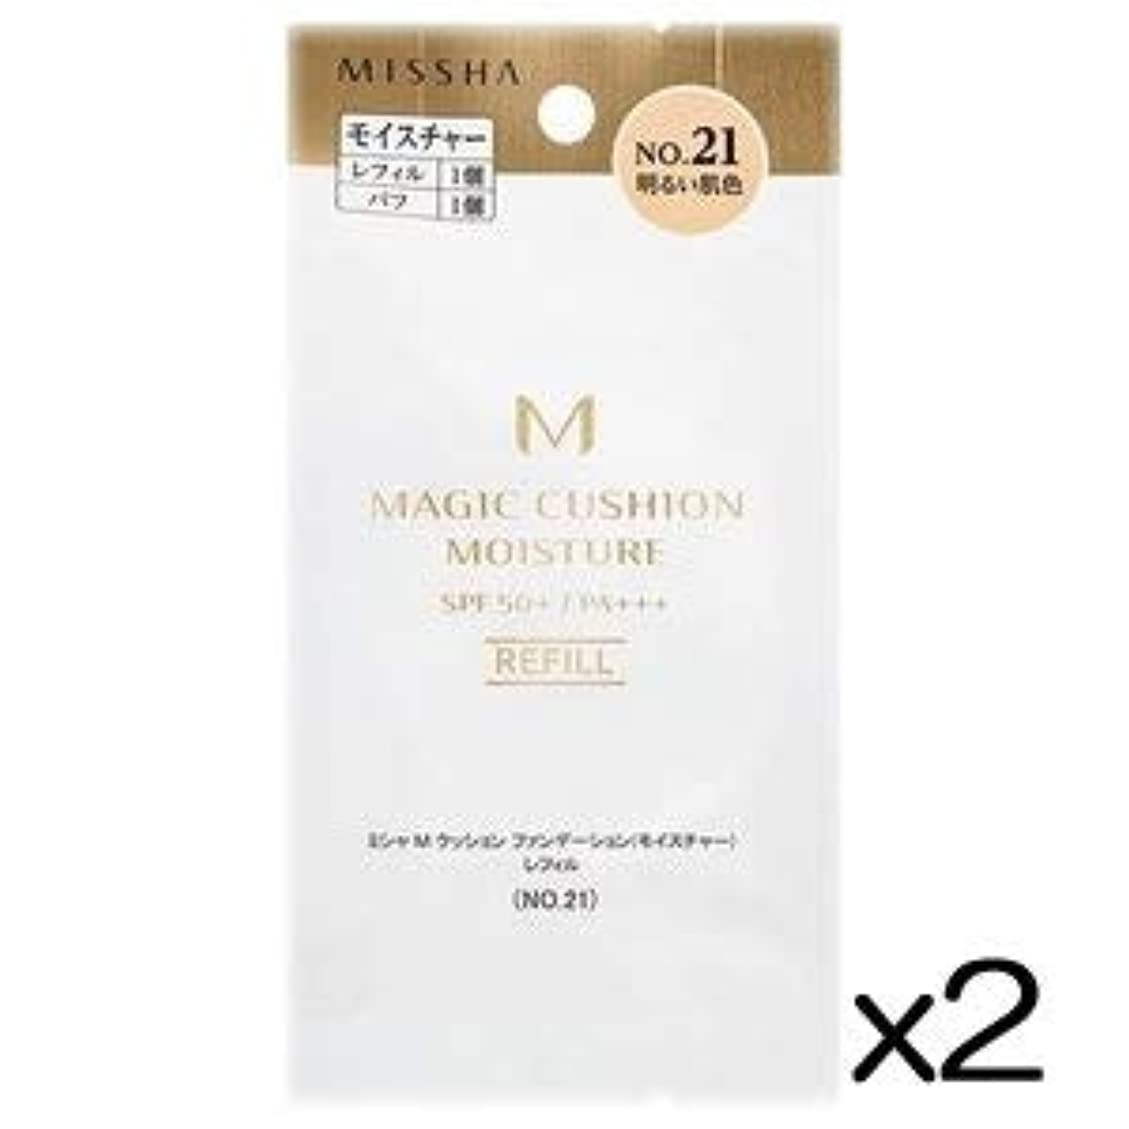 アトラスまた消化器ミシャ M クッション ファンデーション (モイスチャー) No.21 明るい肌色 レフィル 15g×2個セット